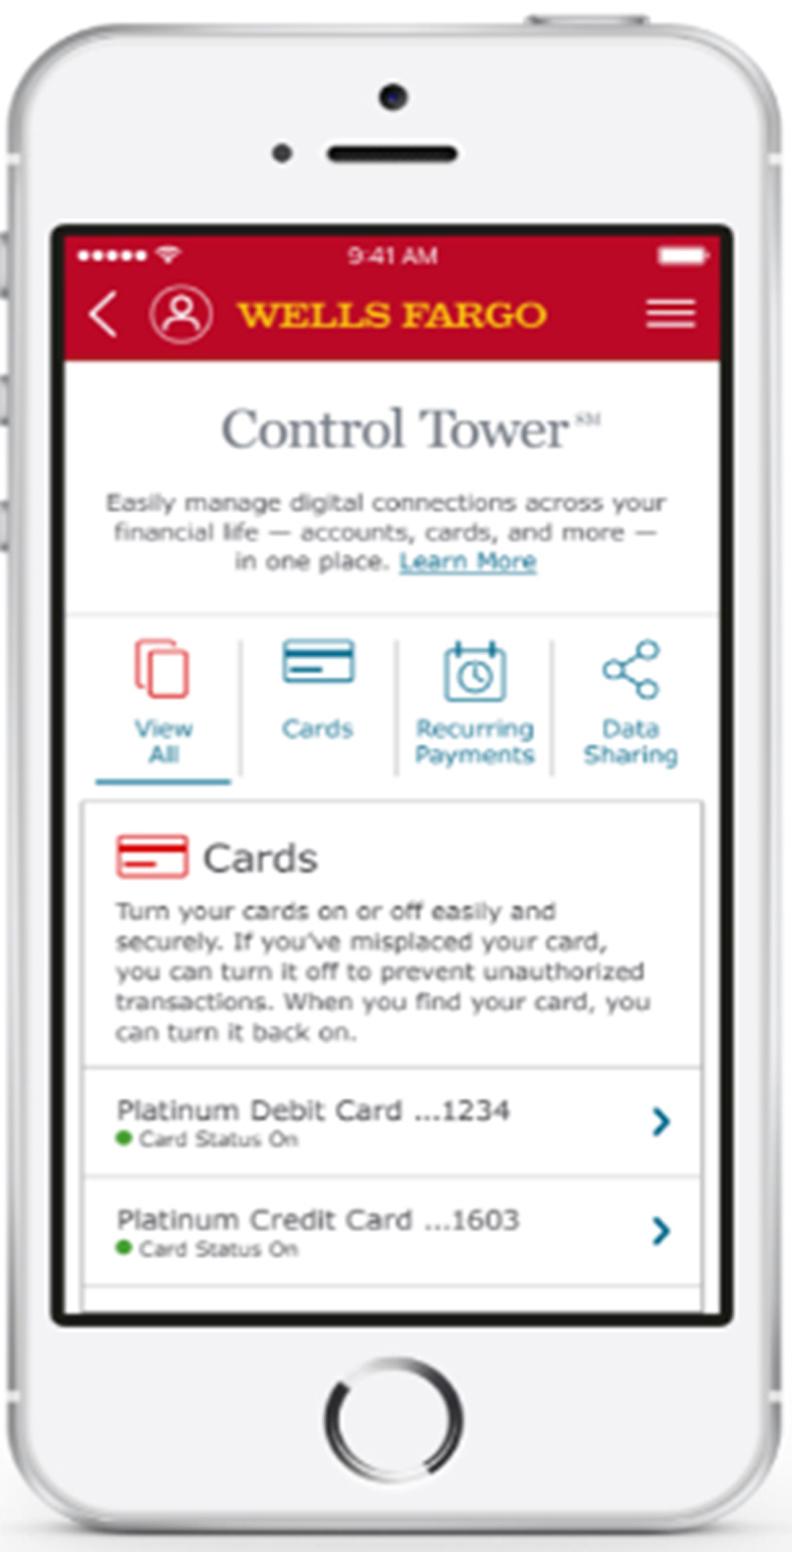 Wells Fargo Giới Thiệu Control Tower SM, Trải Nghiệm Kỹ Thuật Số Mới